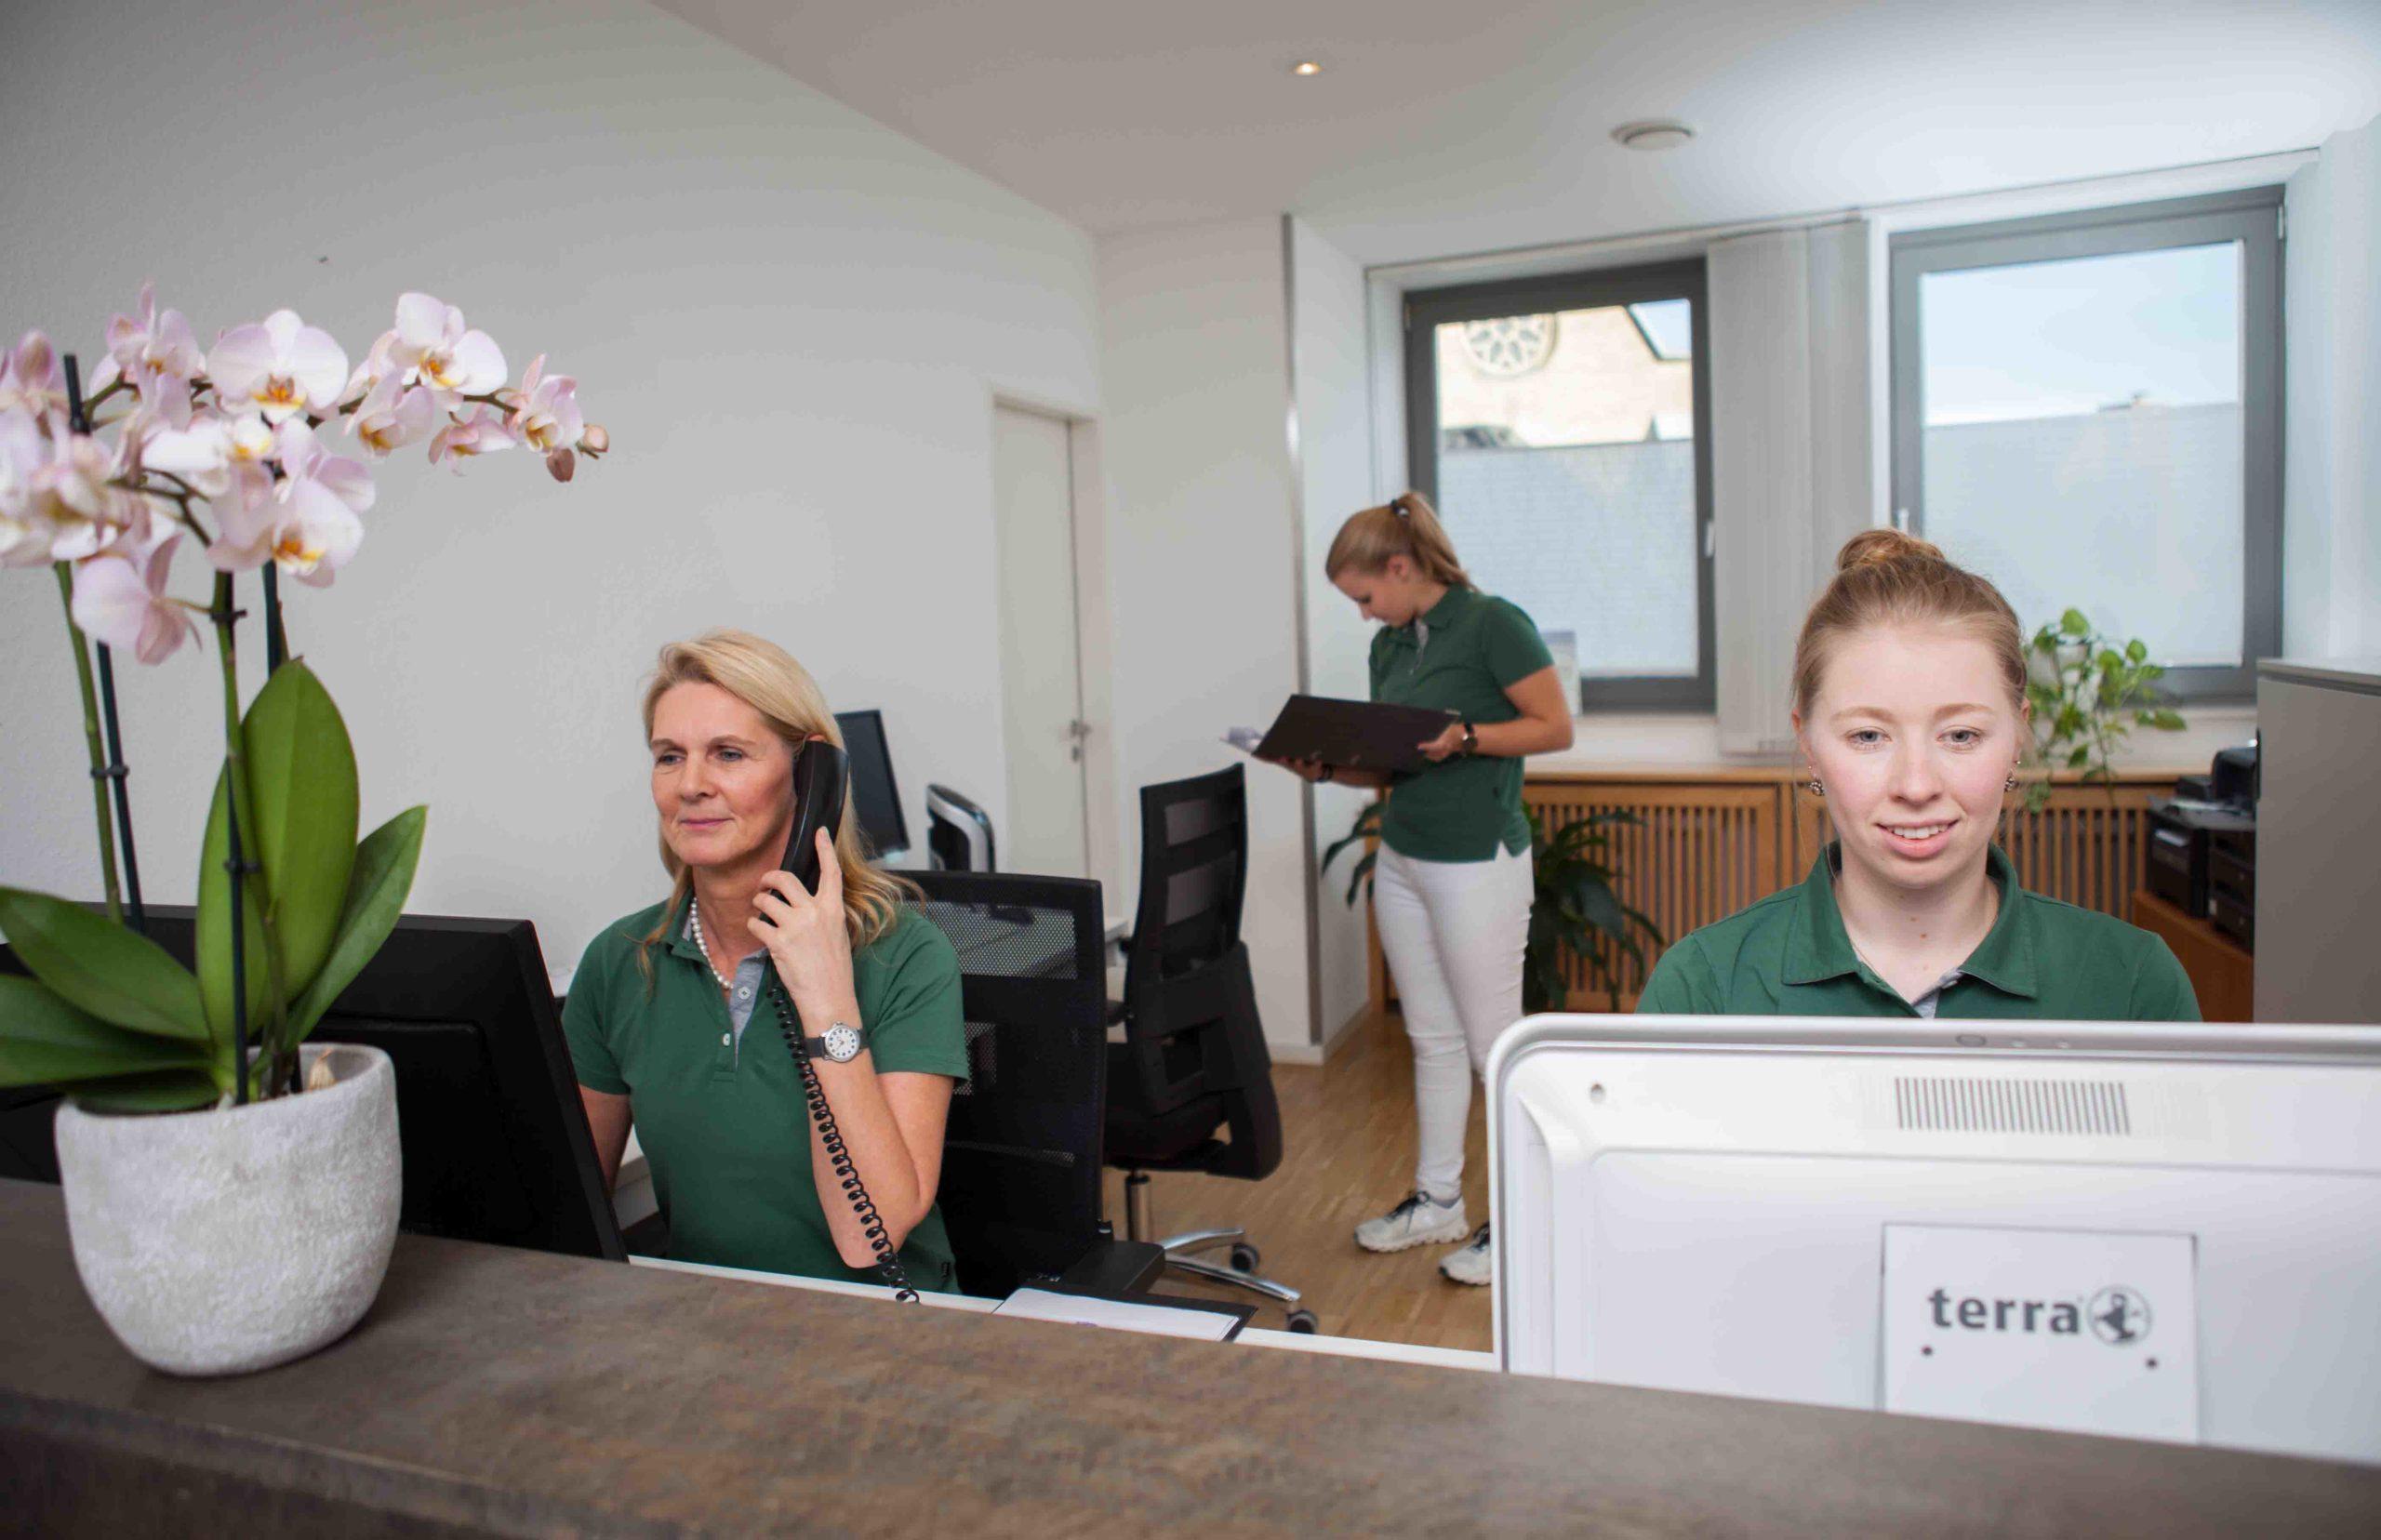 Businessfoto Stuttgart für Geschäftführer und Unternehmensinhaber DELL Germany